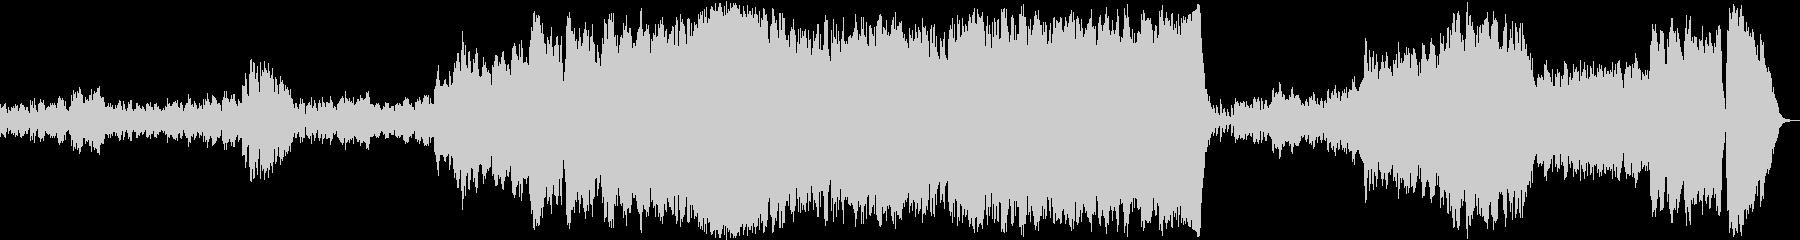 ホルストの「火星」ショートver.の未再生の波形